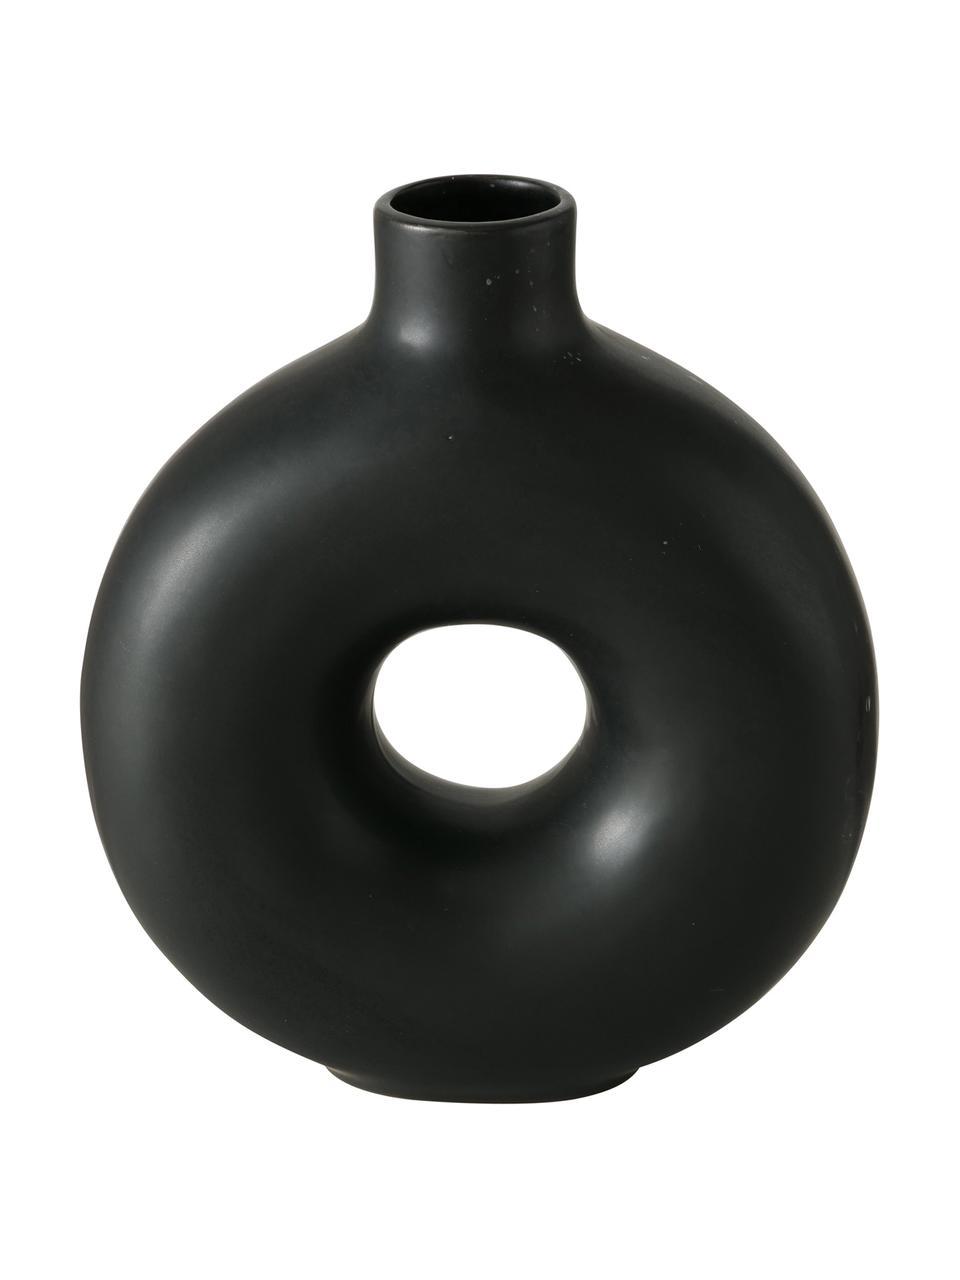 Vaso in gres fatto a mano Lanyo, Terracotta, Nero, Larg. 17 x Alt. 20 cm